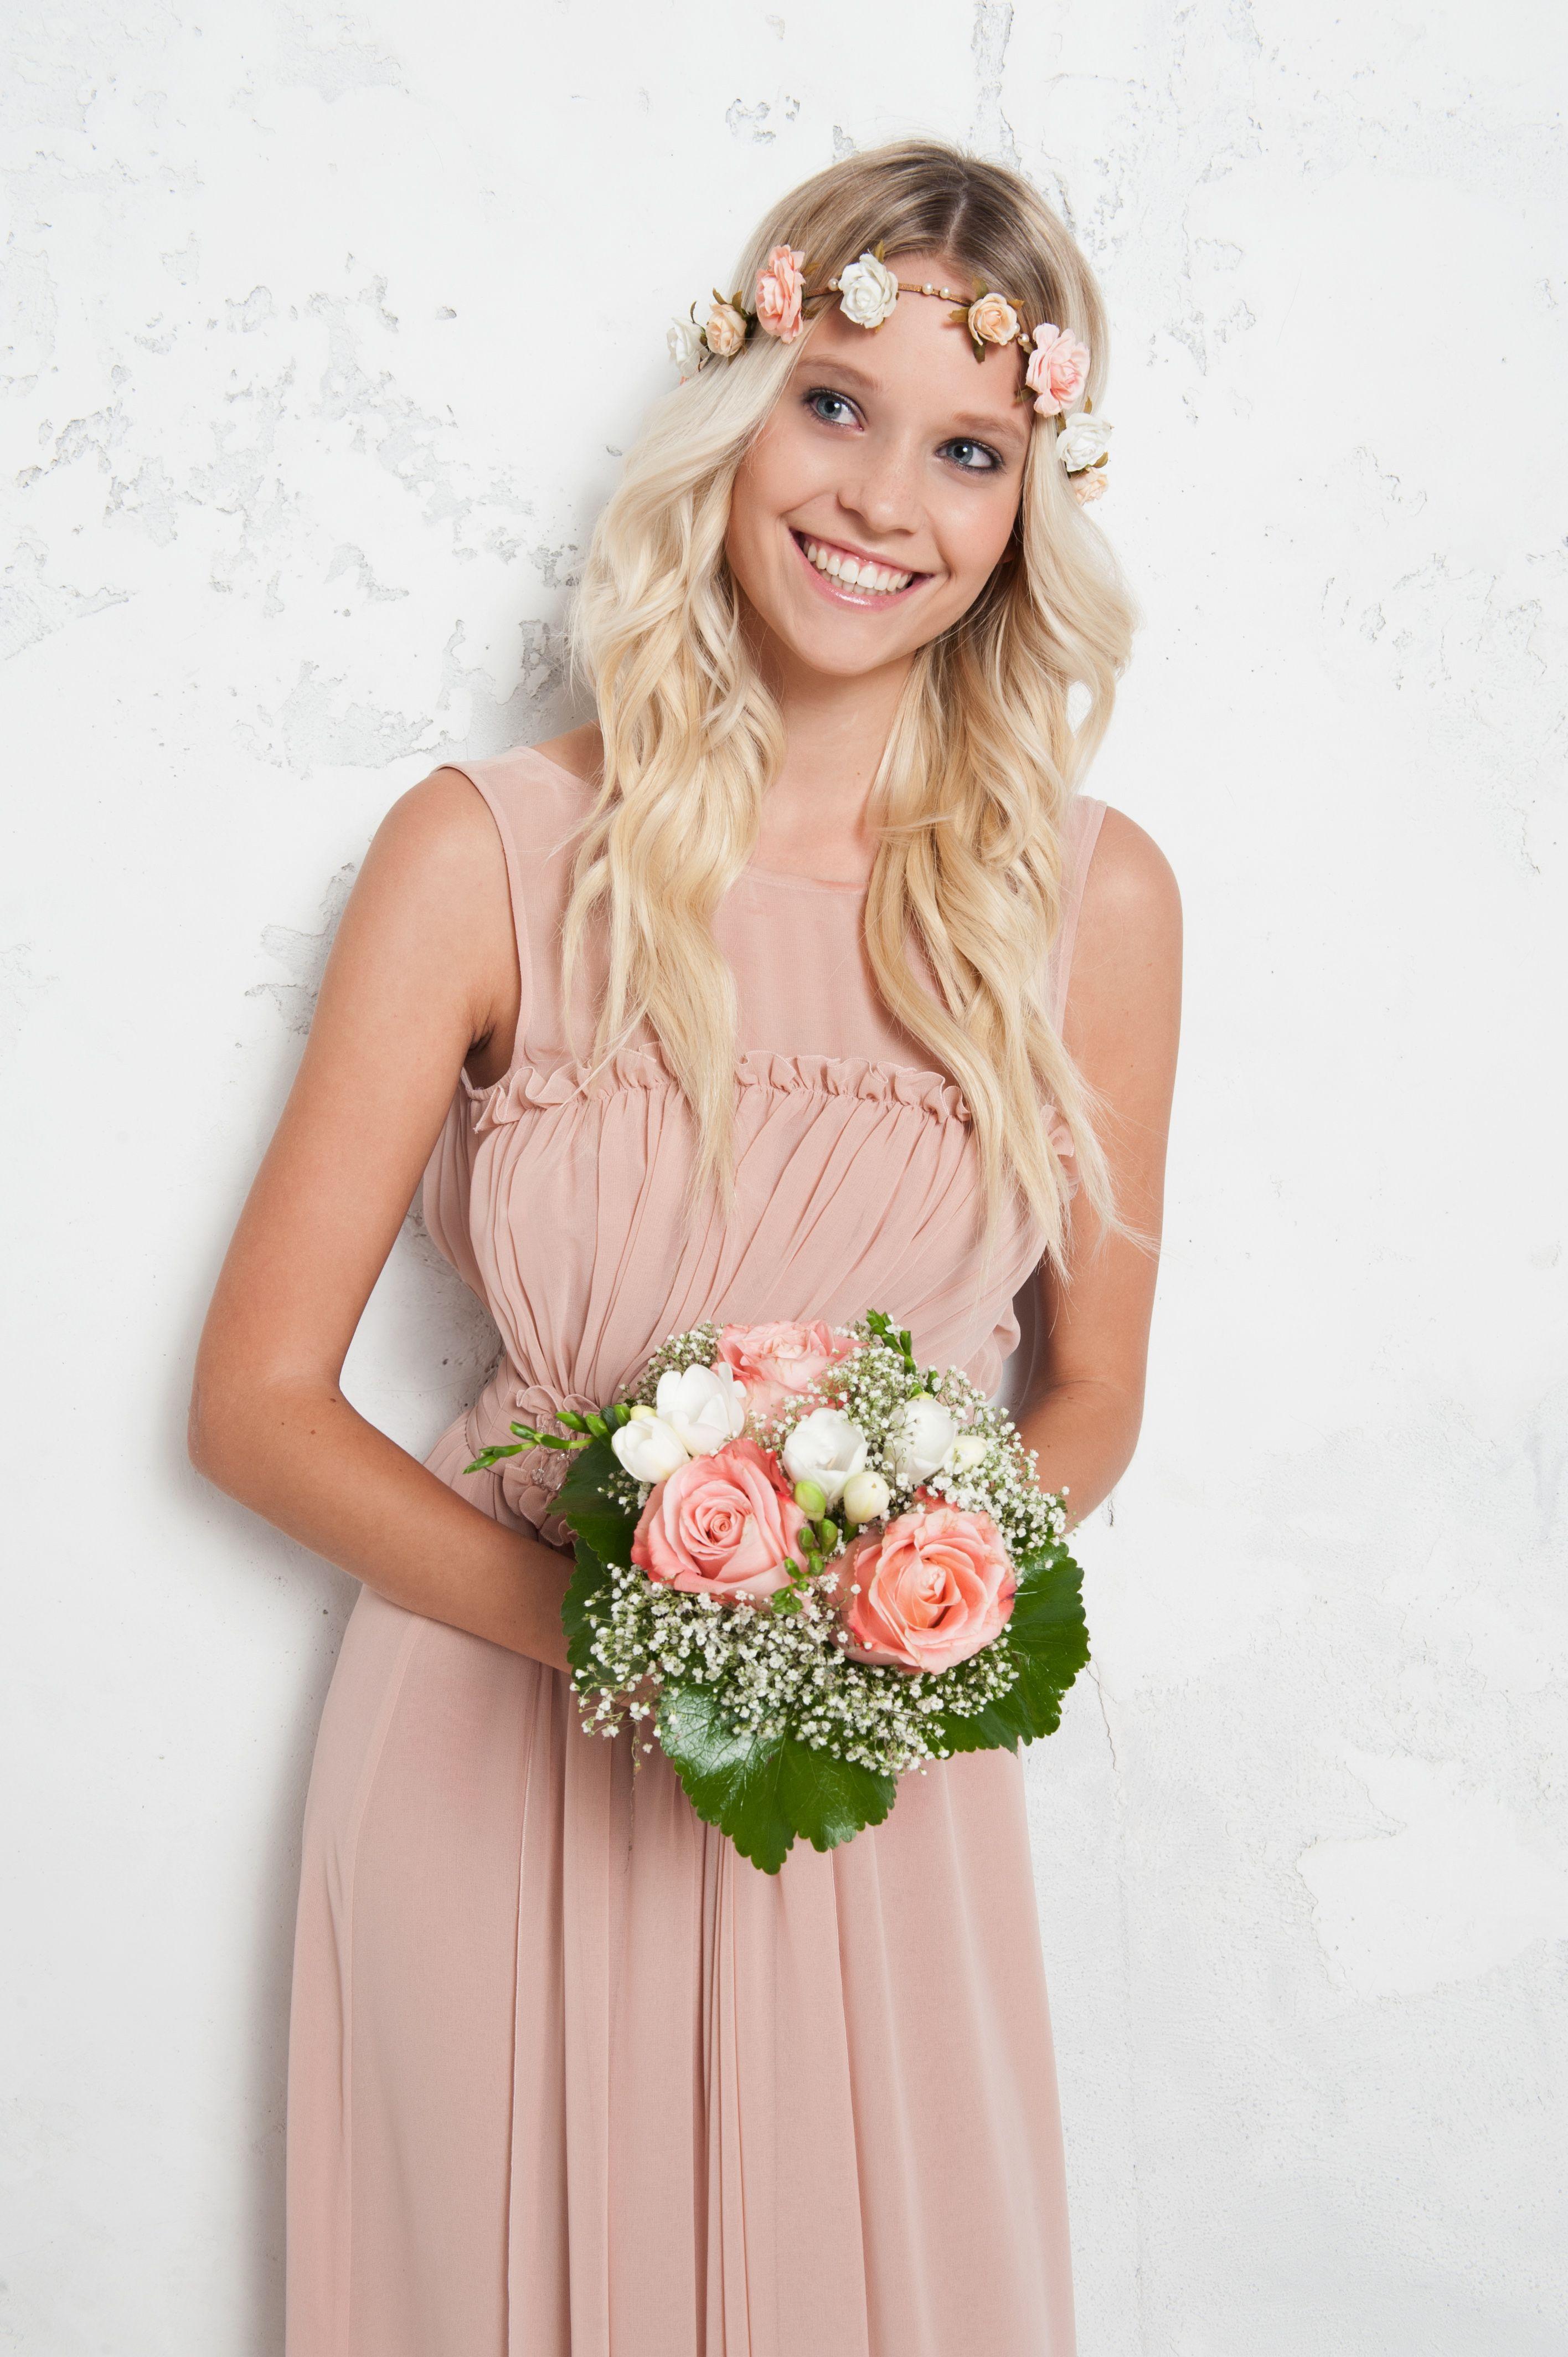 Bodenlanges Kleid Mit Bestickter Scharpe Kleid Hochzeit Gast Kleider Hochzeit Kleid Hochzeit